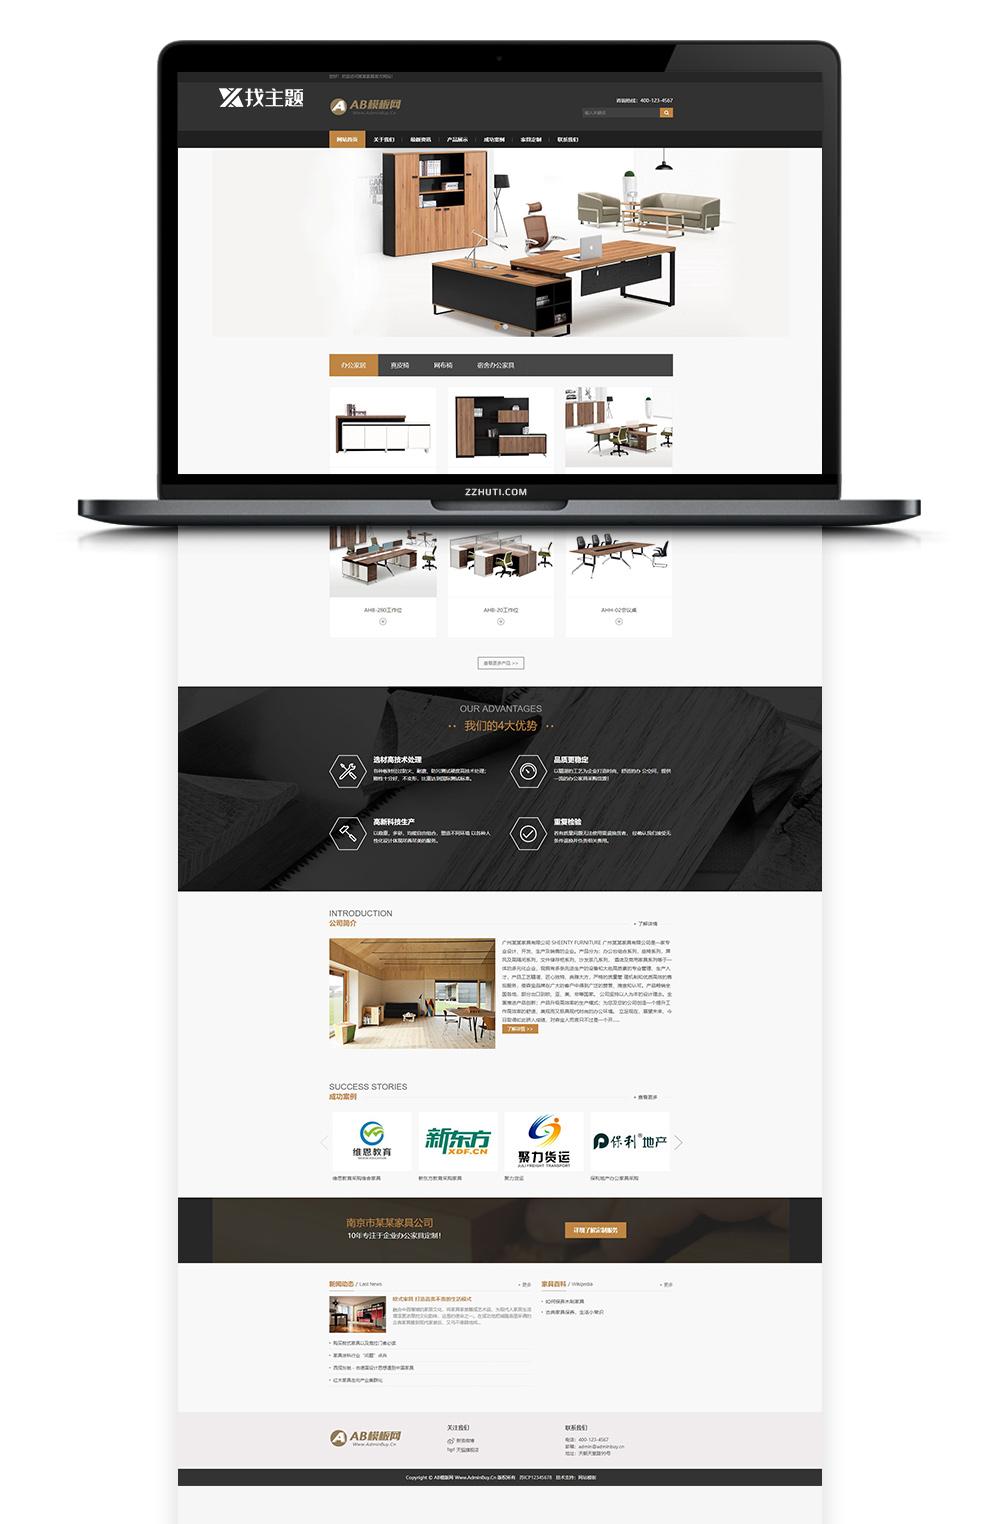 【家具网站源码】织梦cms模板 棕色家具网站模板[带手机版数据同步]-找主题源码